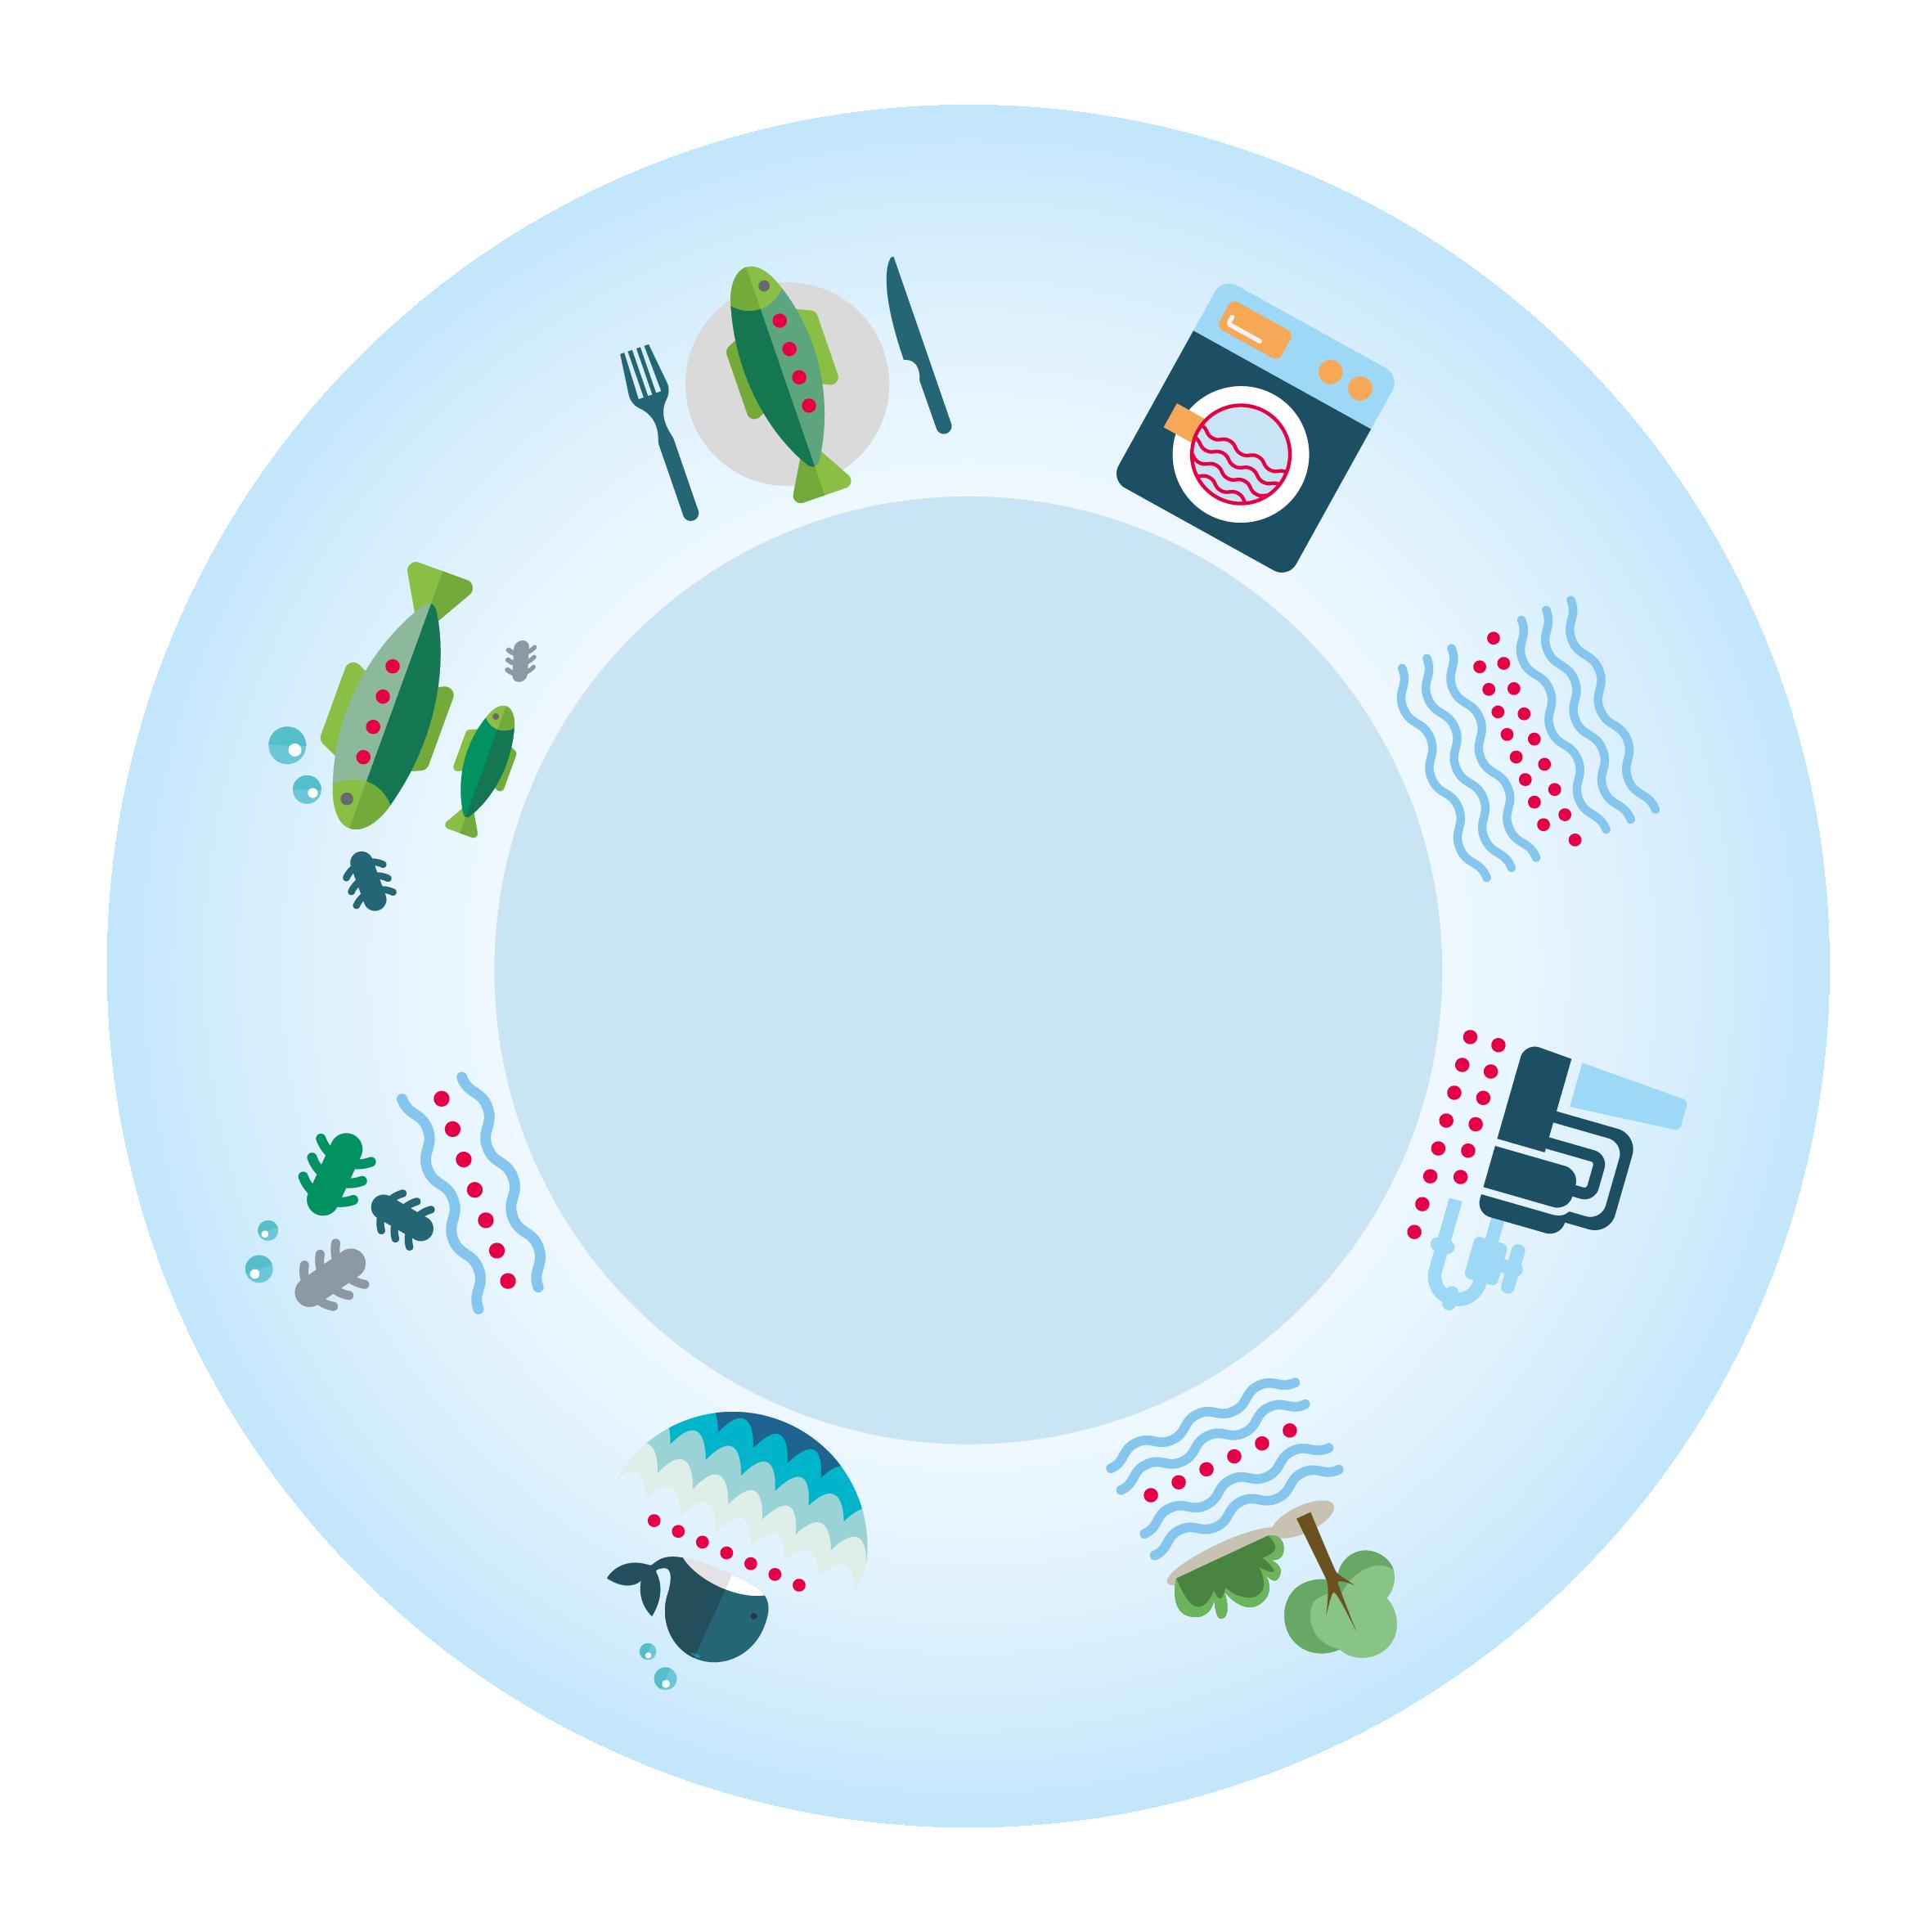 Mikroplastik-Kreislauf: Aus der Waschmaschine auf den Teller